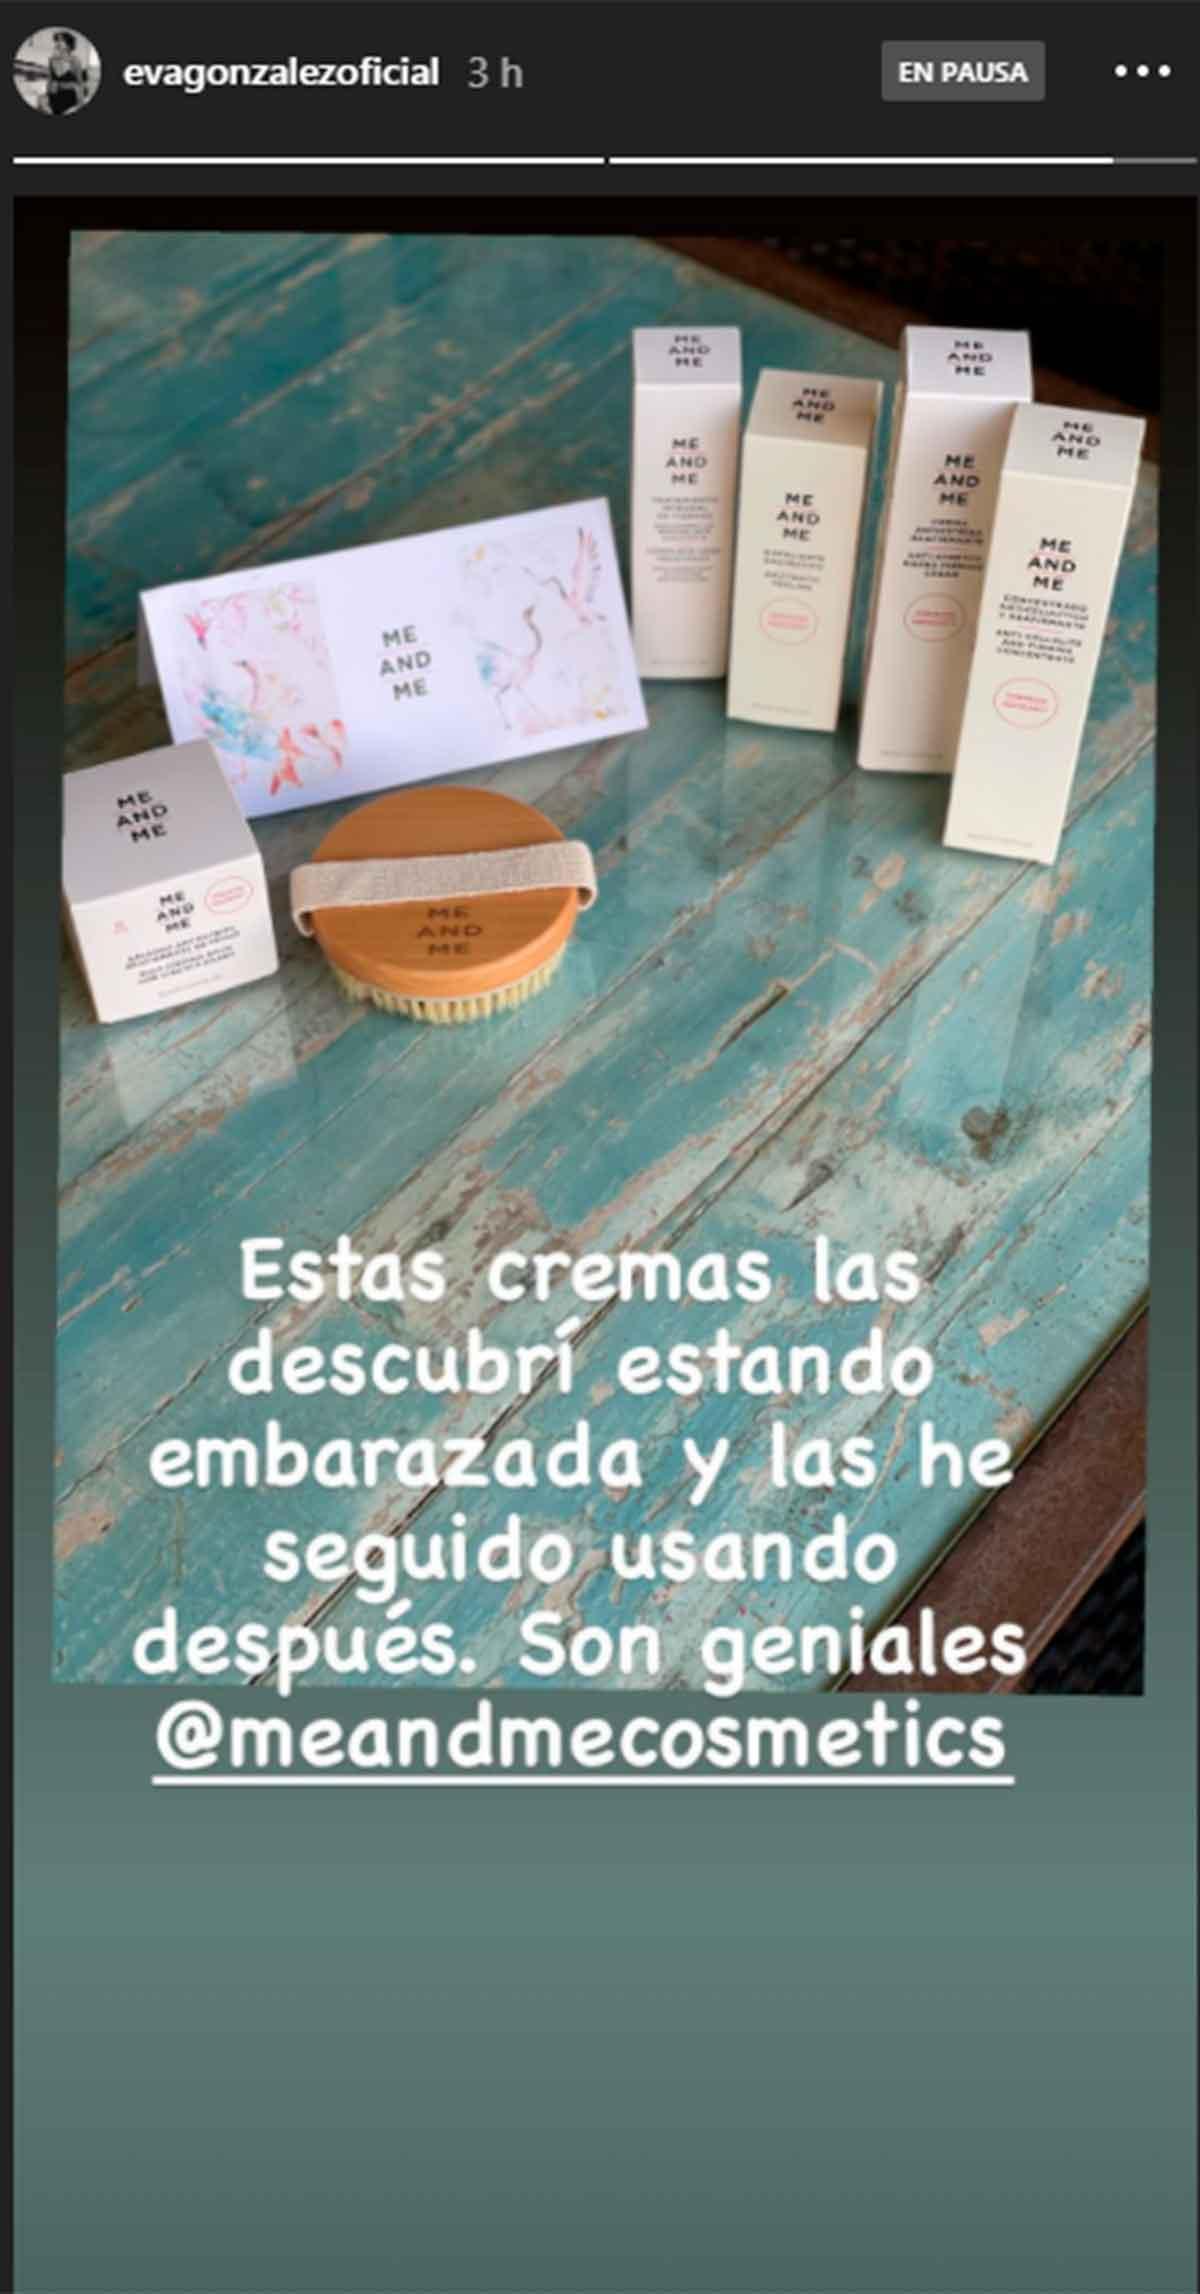 Eva González revela los cosméticos que utilizó durante su embarazo para evitar las estrías 1